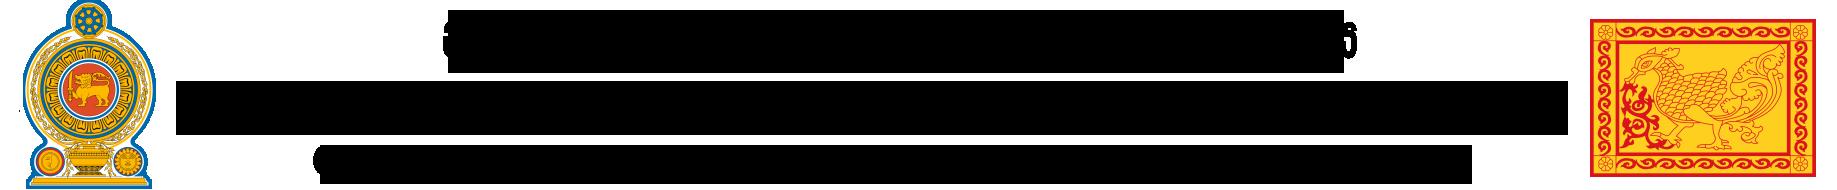 නියෝජ්ය ප්රධාන ලේකම් (පිරිස් හා පුහුණු) කාර්යාලය